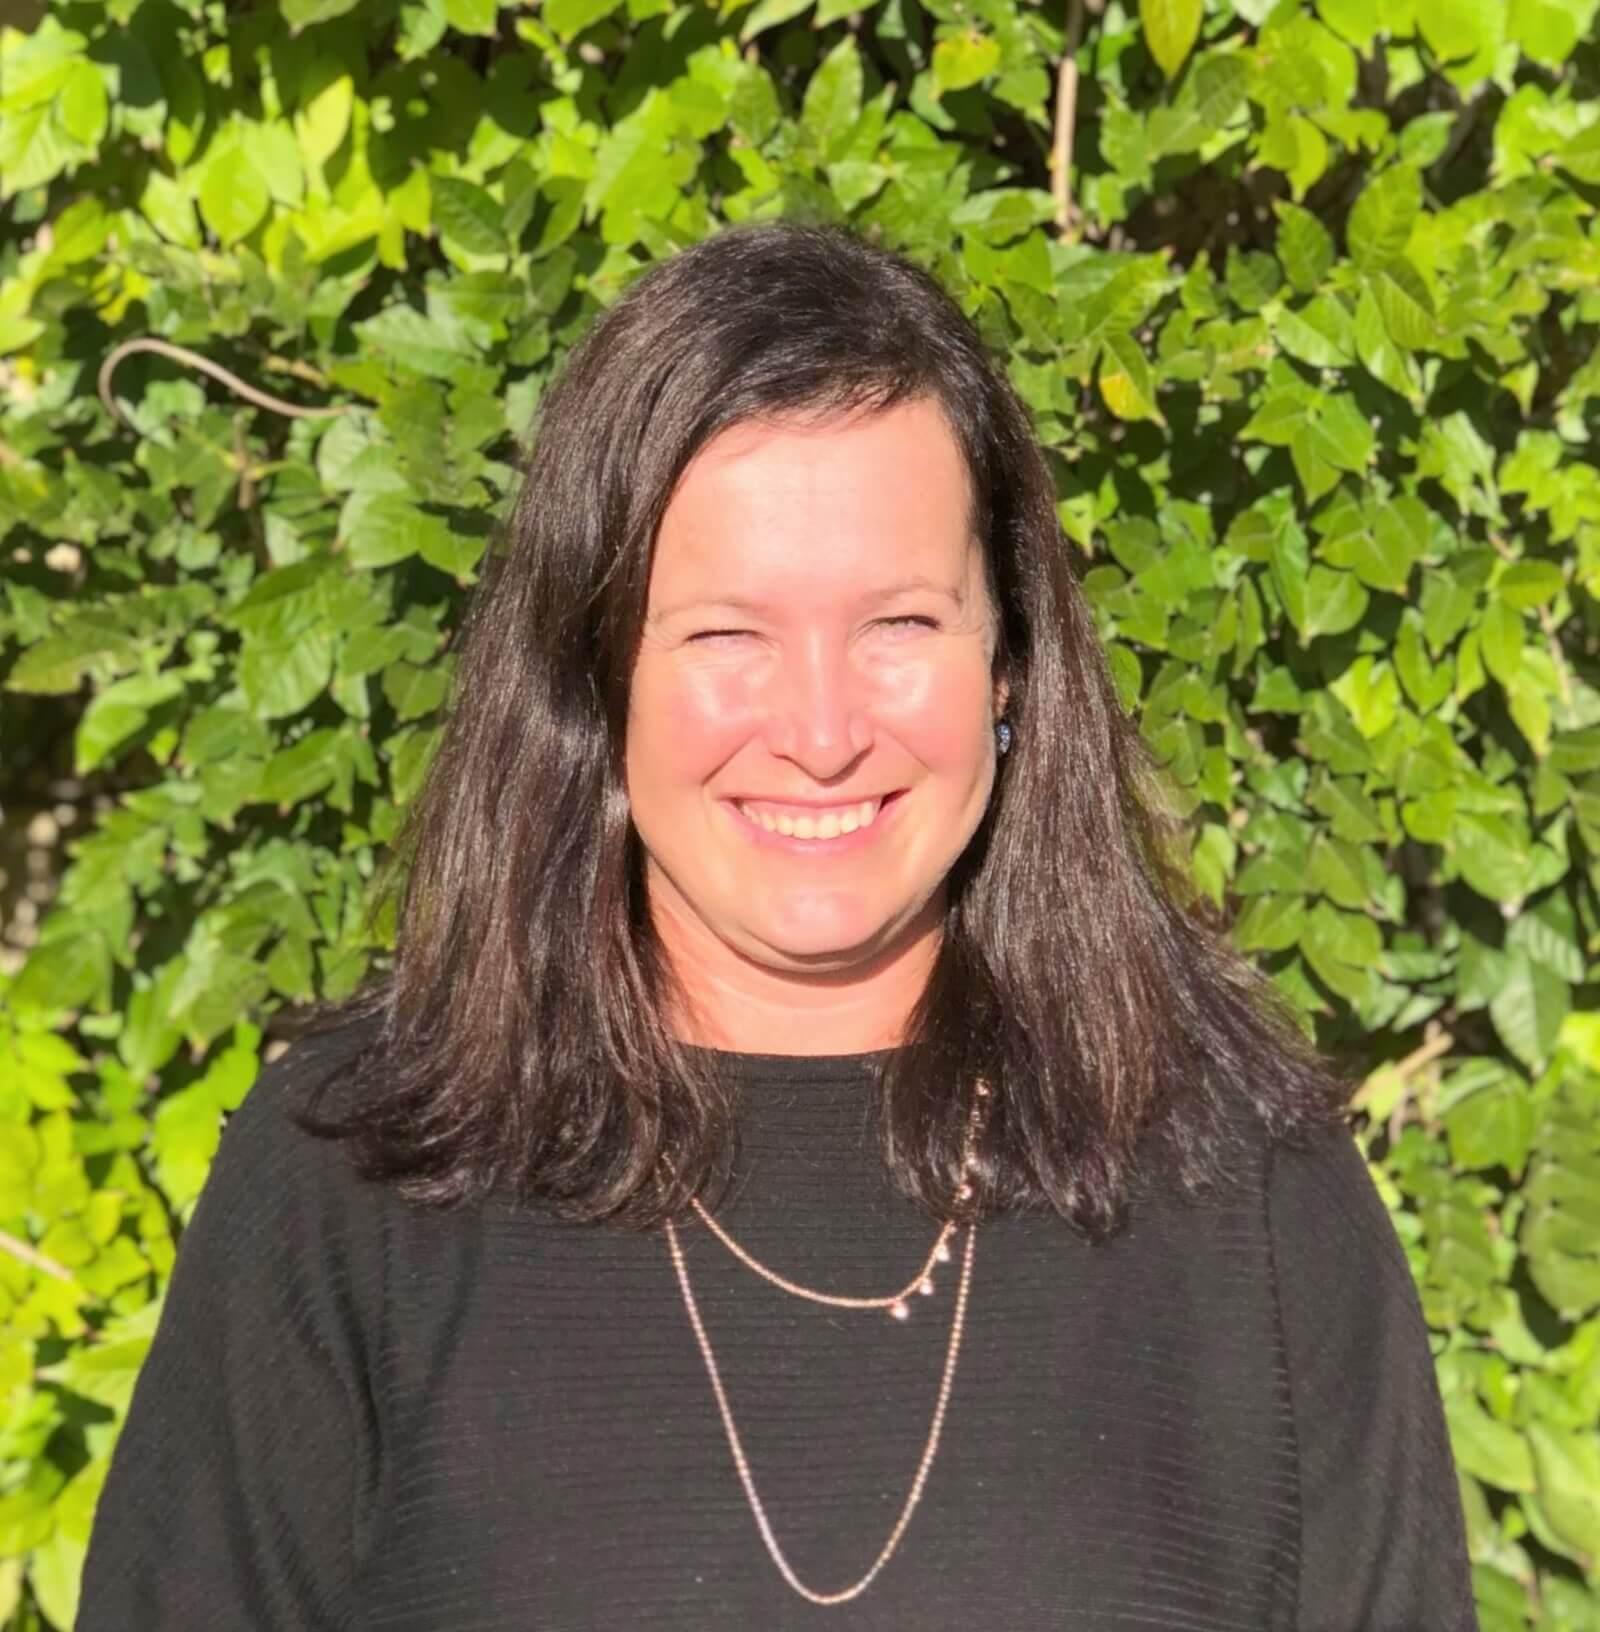 Profilová fotka Ing. Hana Civišová Ph.D.